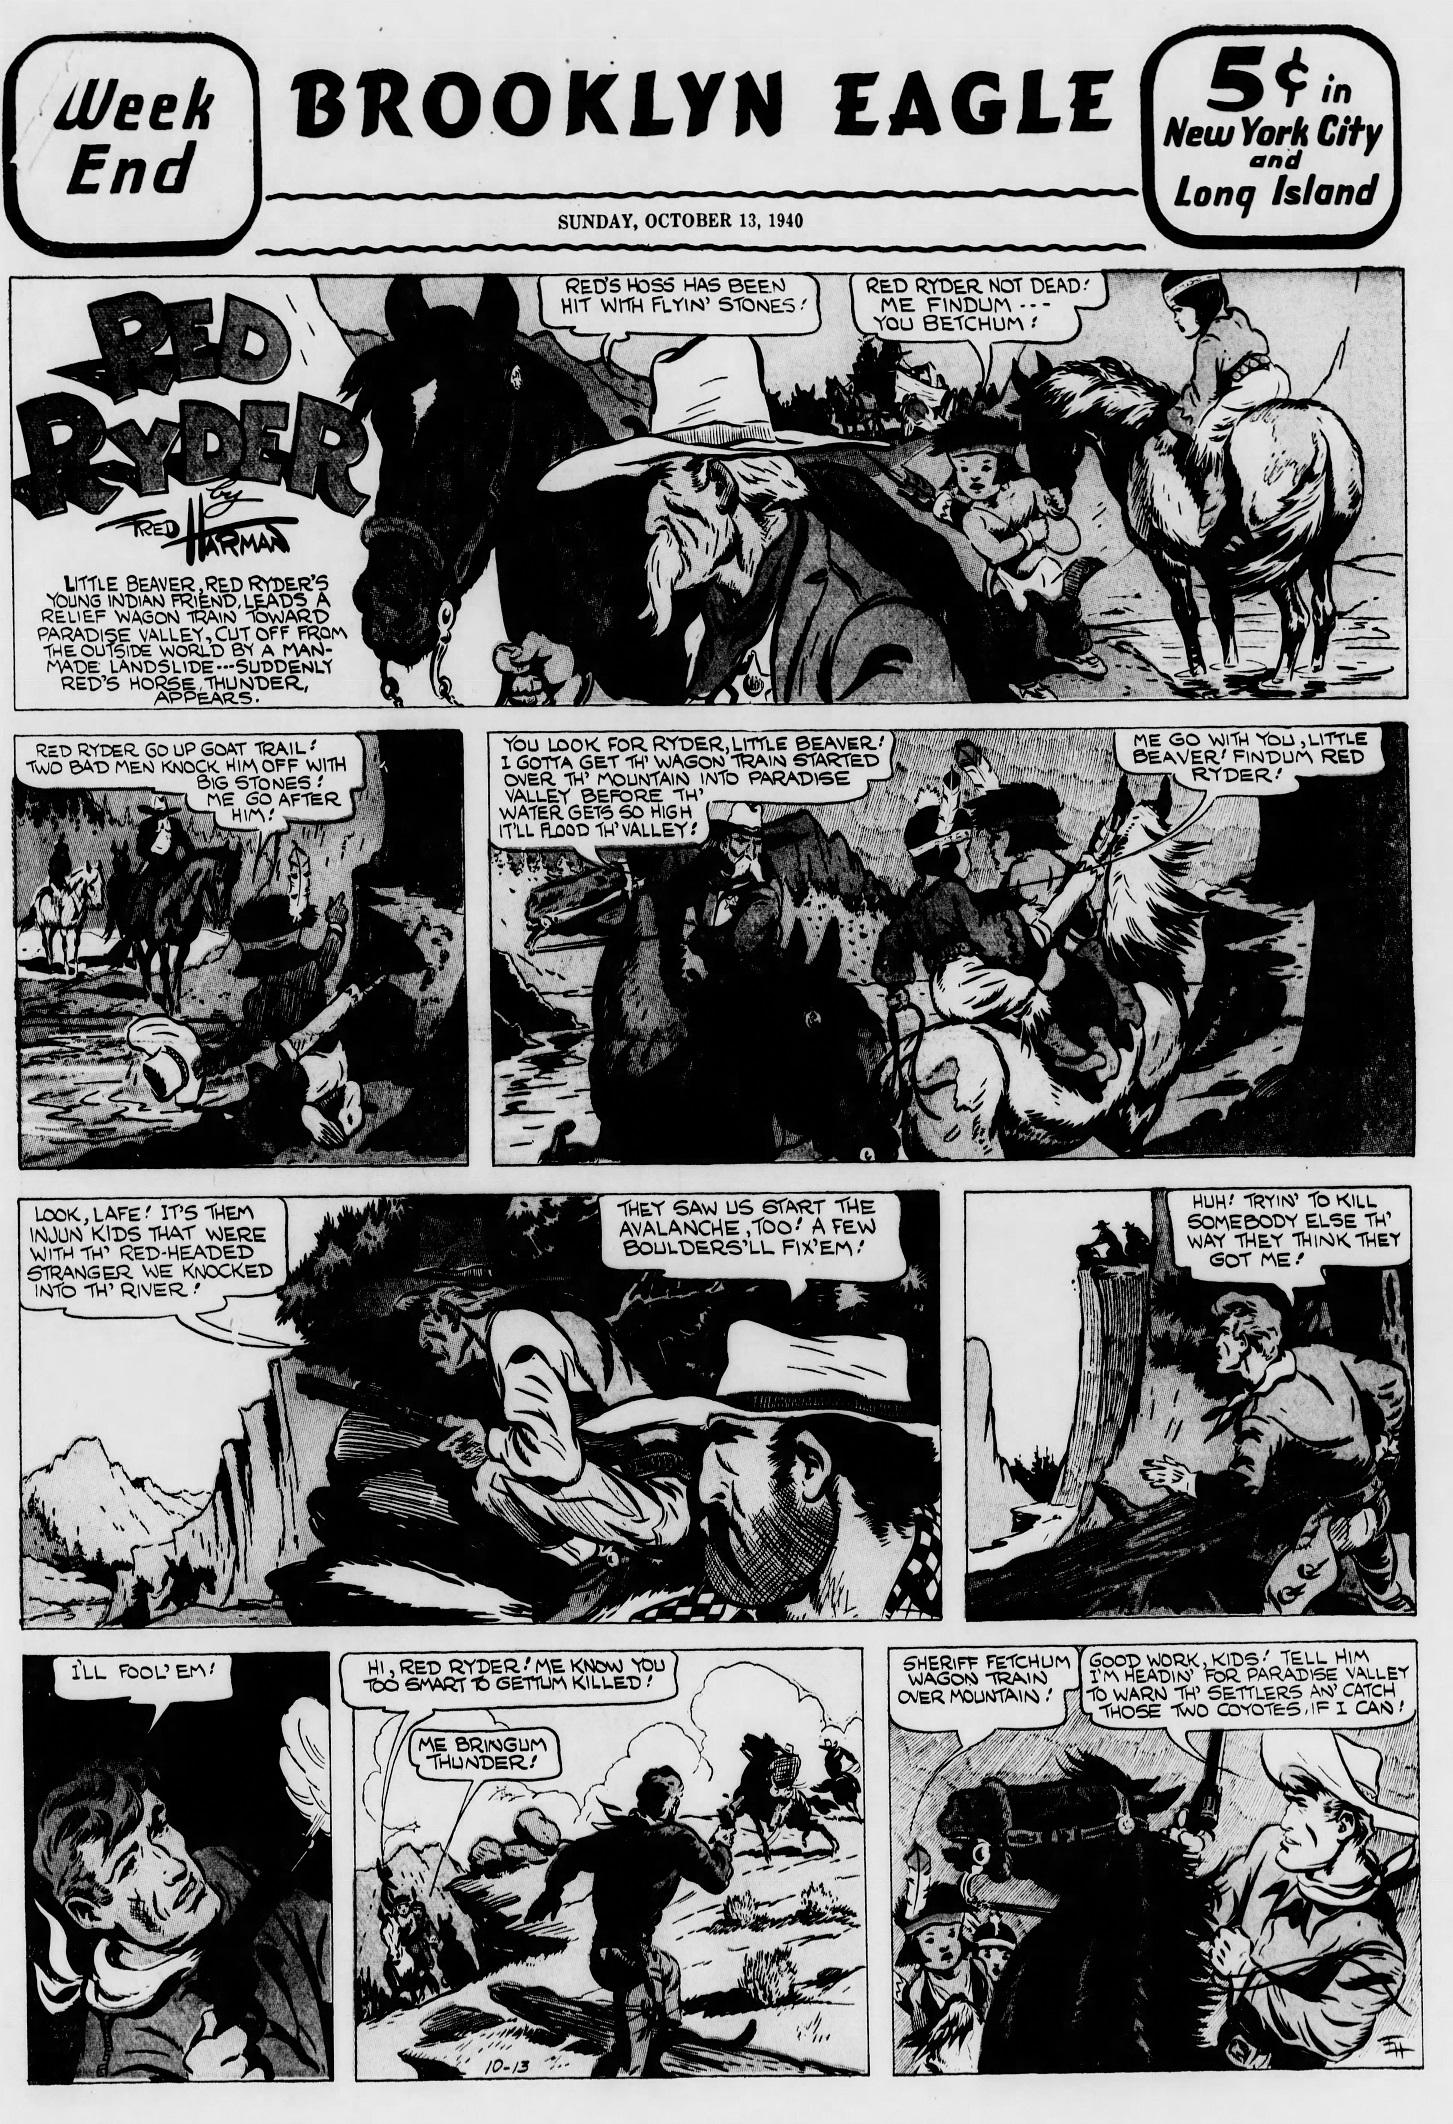 The_Brooklyn_Daily_Eagle_Sun__Oct_13__1940_(6).jpg